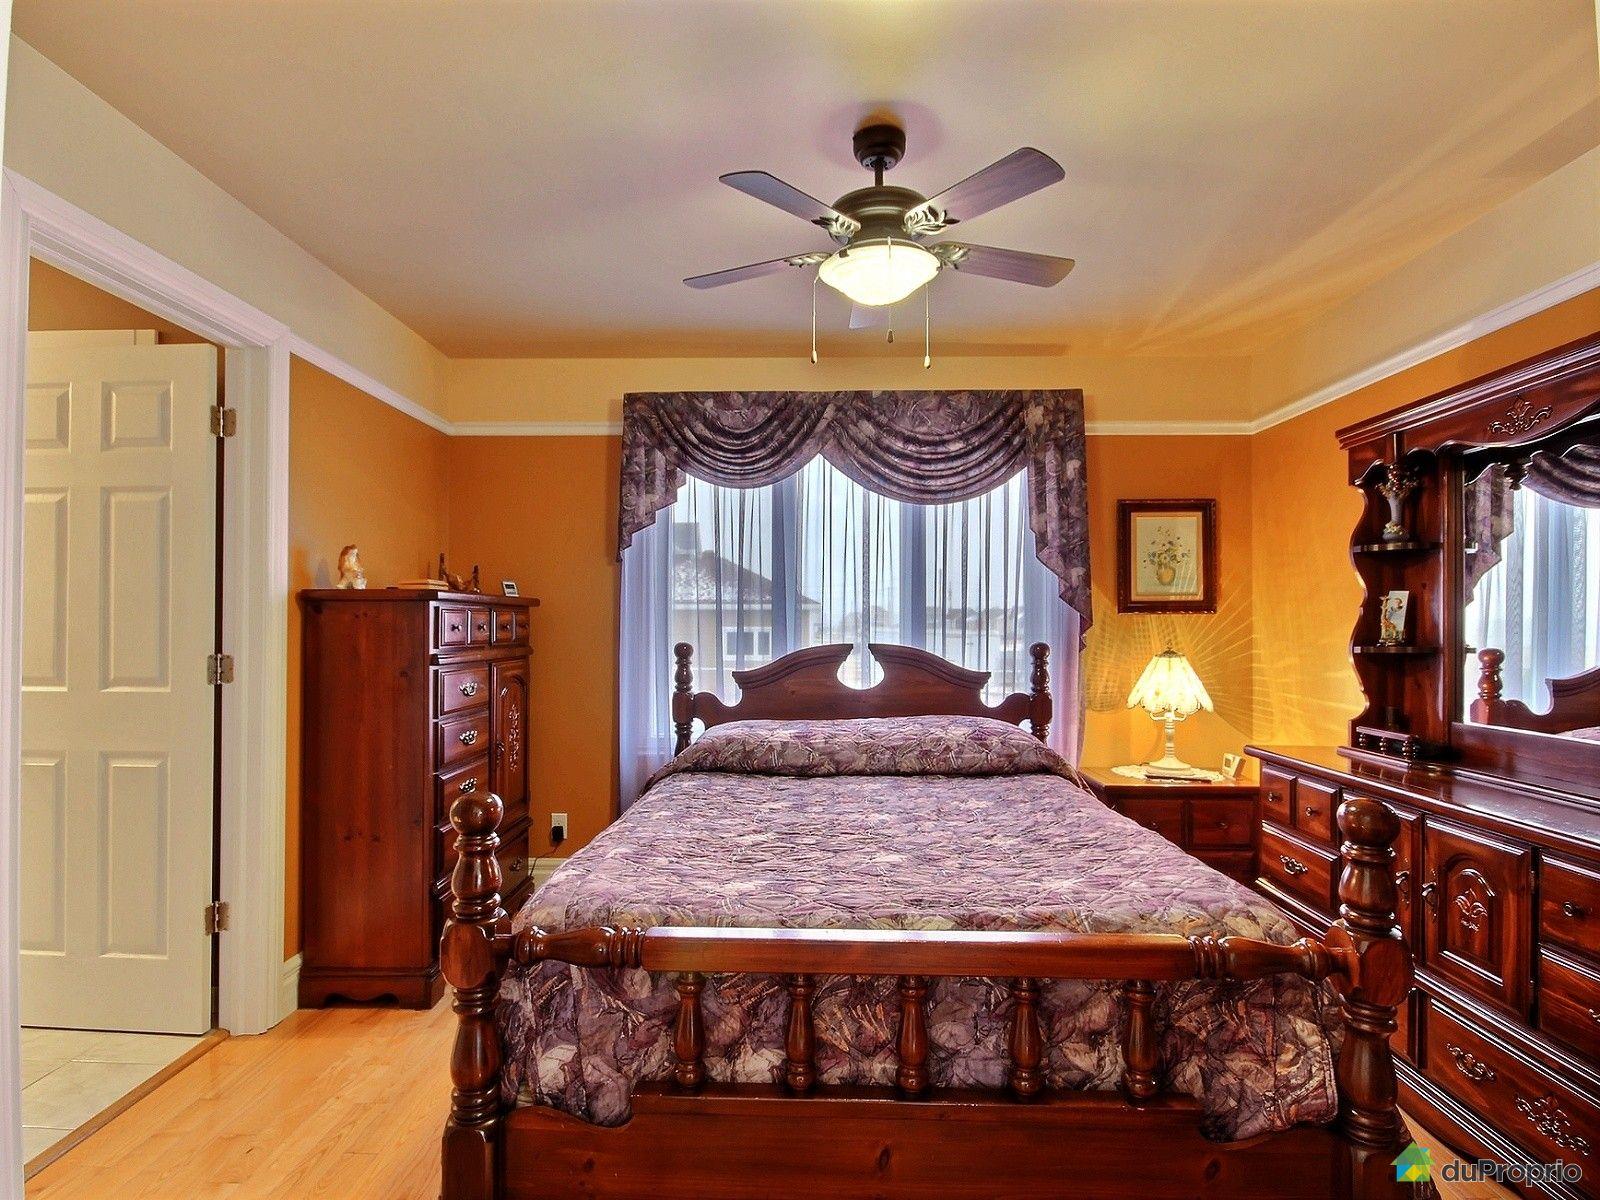 Maison vendre st tienne de beauharnois 9 rue madeleine immobilier qu bec duproprio 434757 - Chambre du commerce saint etienne ...